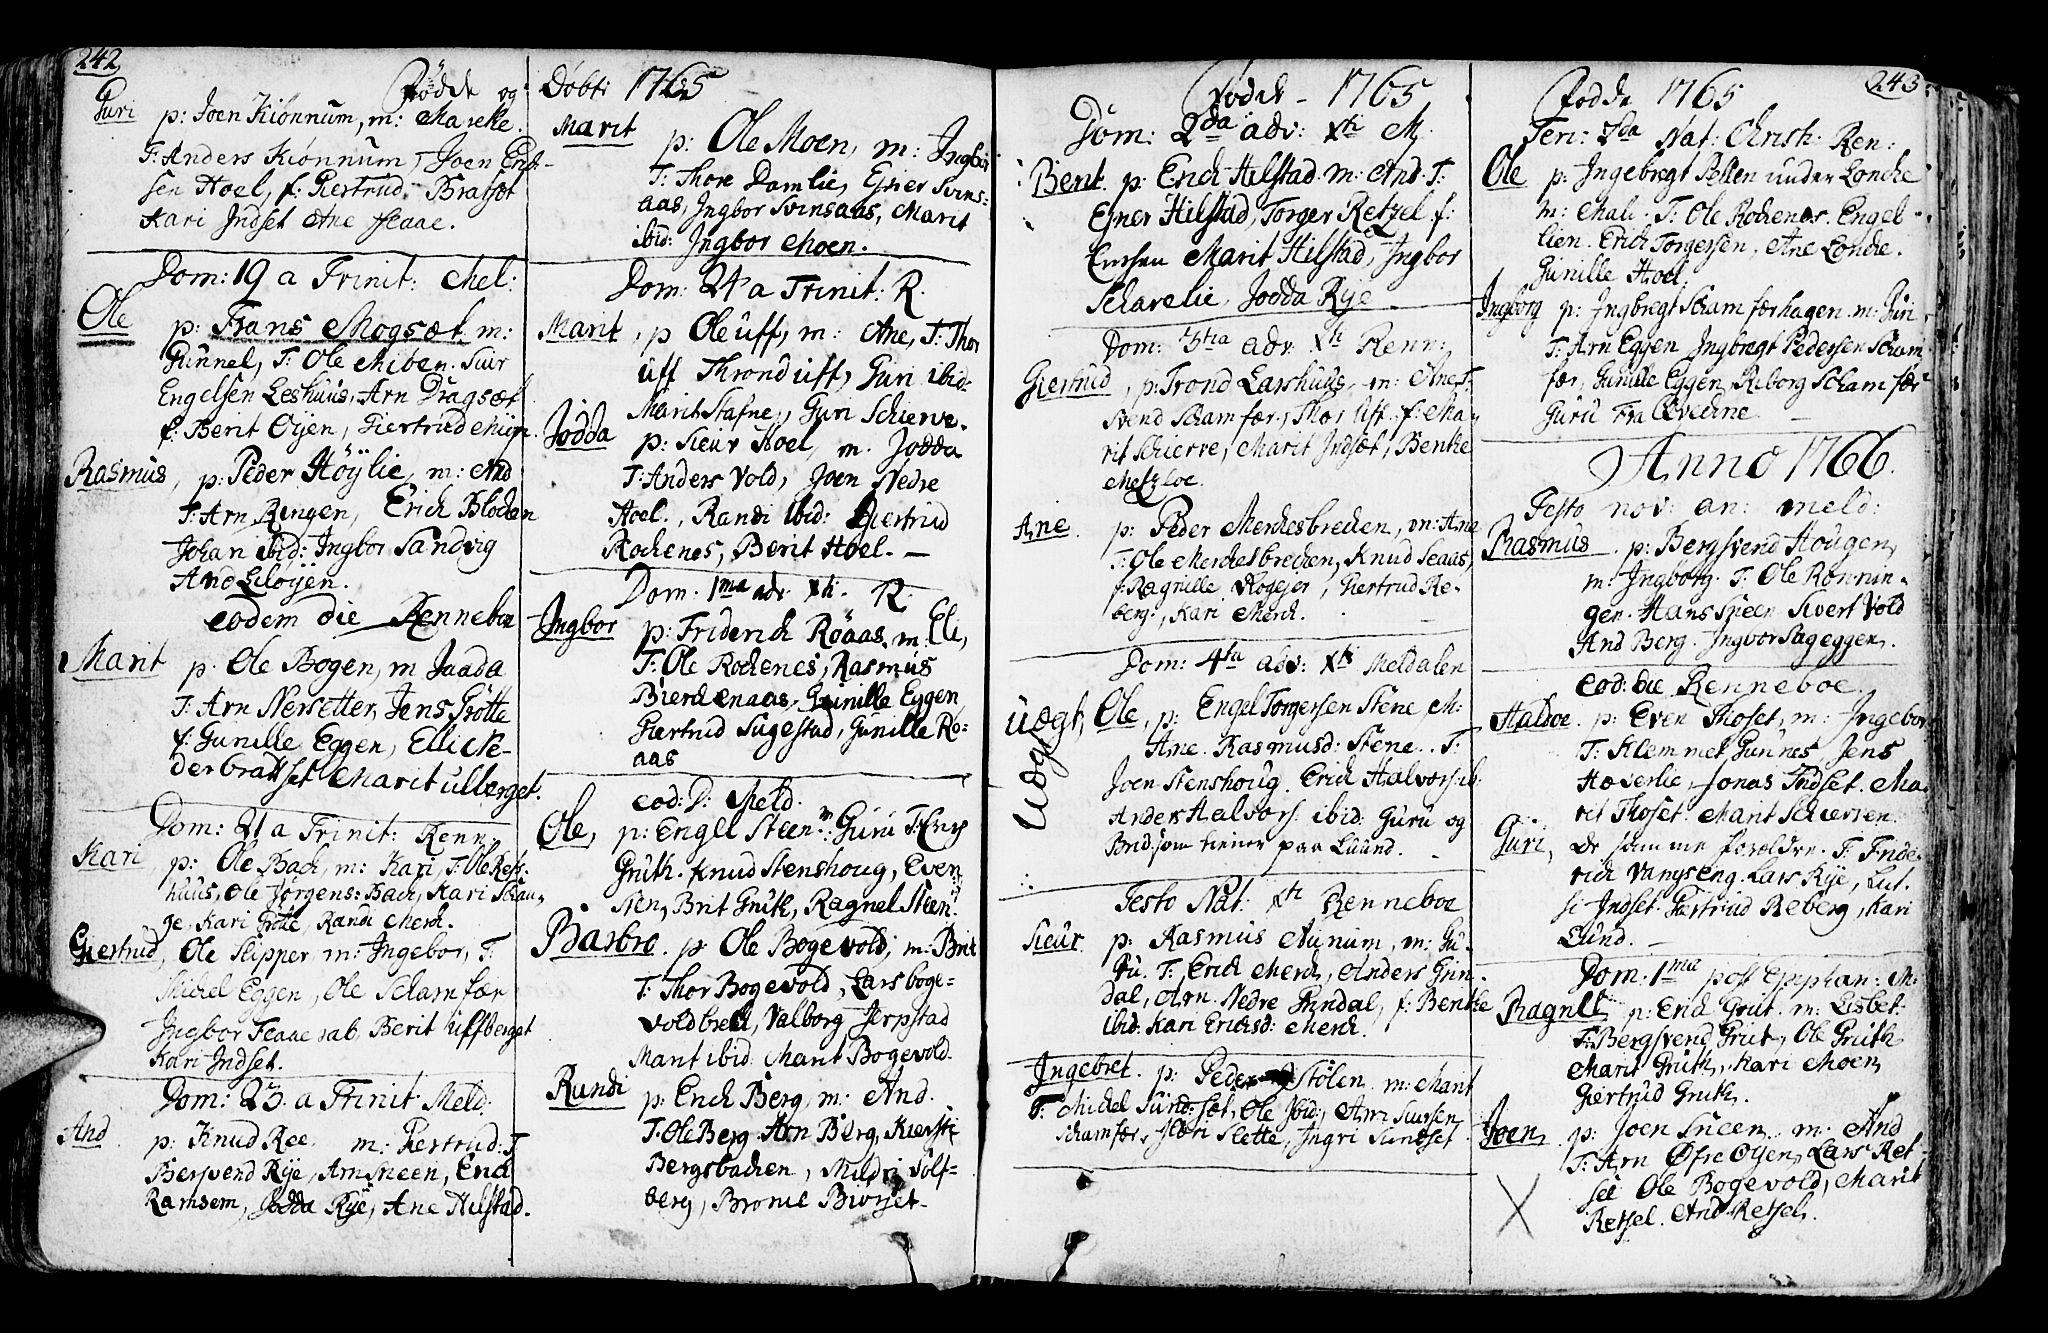 SAT, Ministerialprotokoller, klokkerbøker og fødselsregistre - Sør-Trøndelag, 672/L0851: Ministerialbok nr. 672A04, 1751-1775, s. 242-243